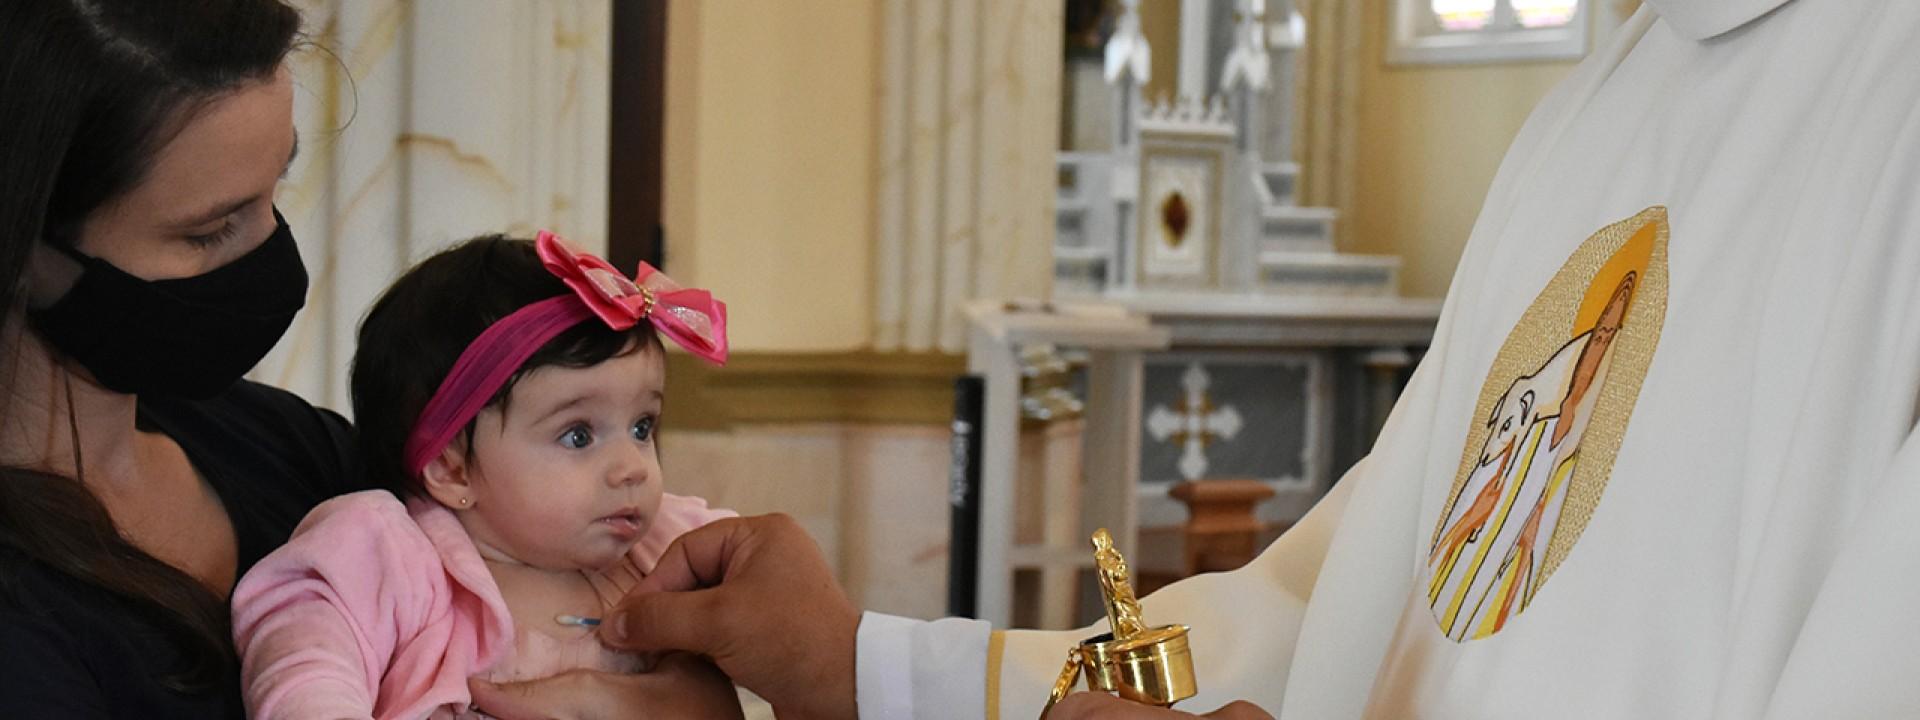 batismos-de-abril-de-2021_10_4280.jpg